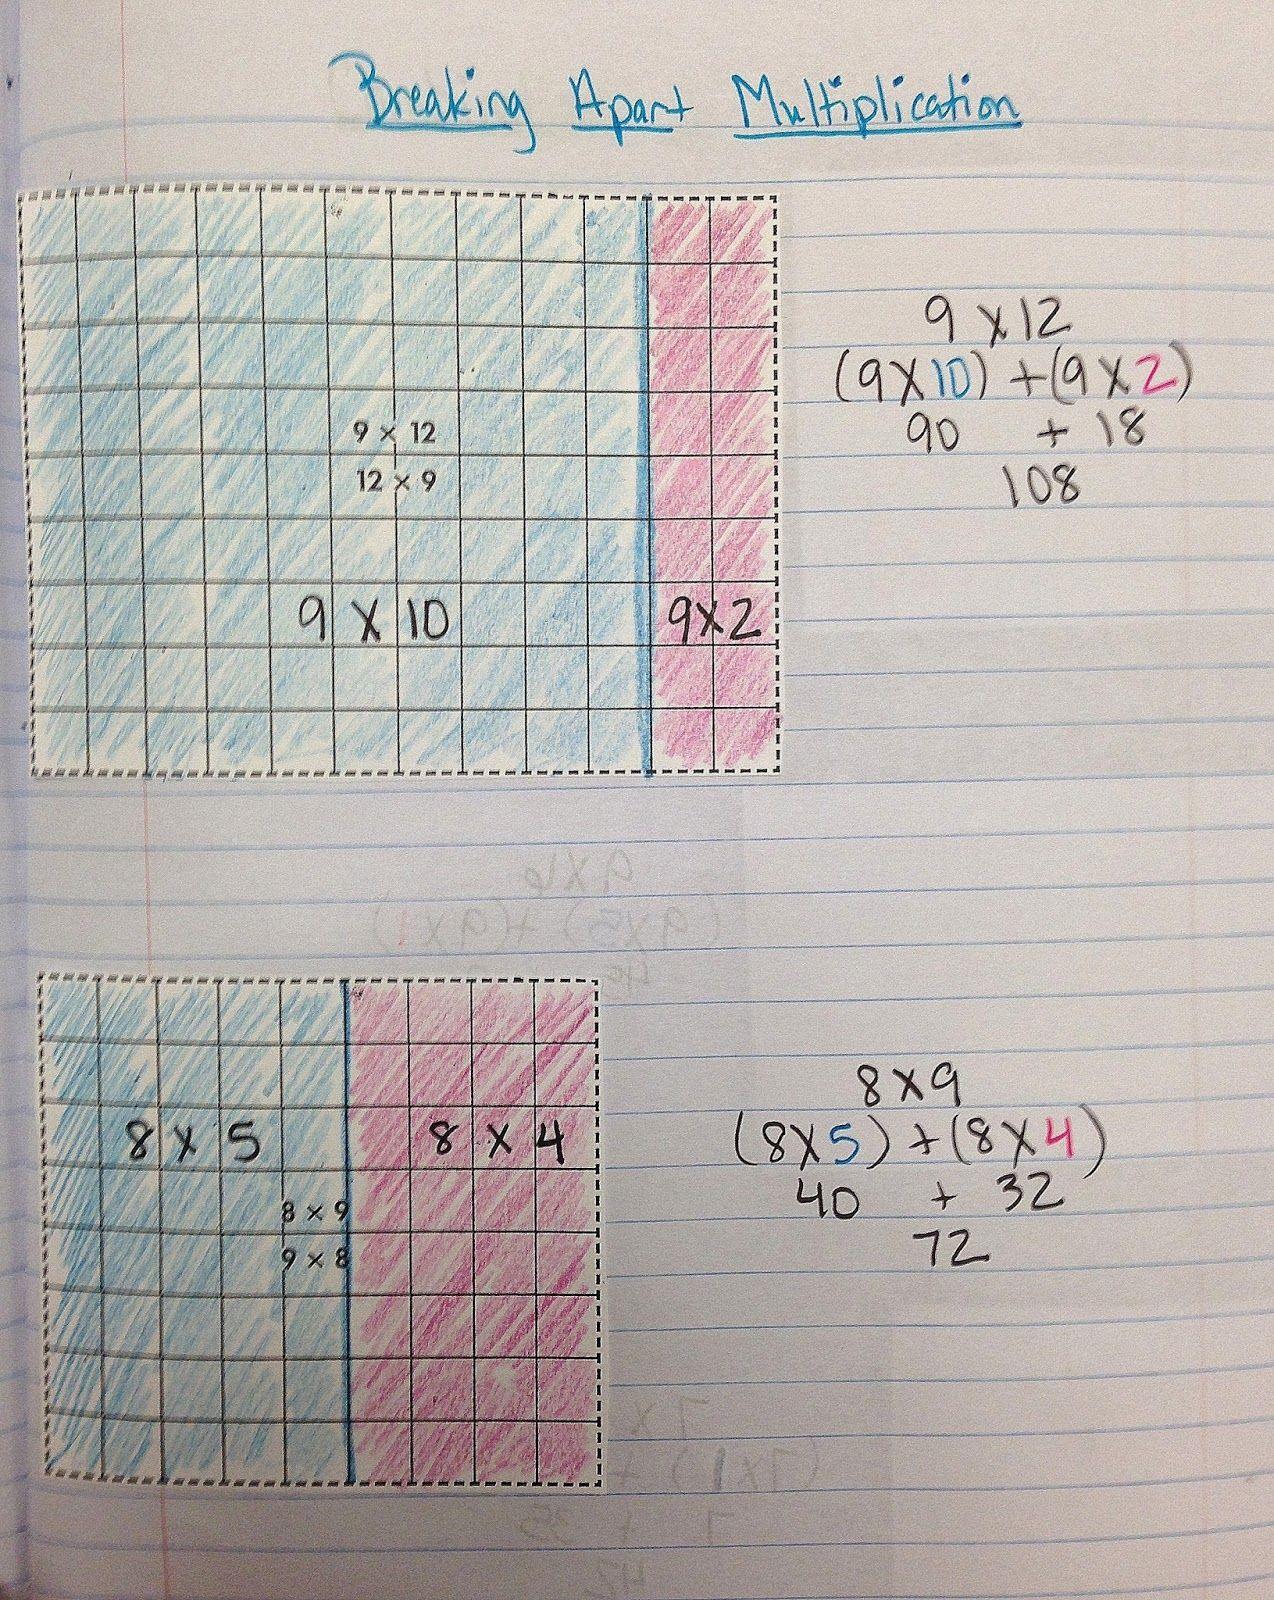 Breaking Apart Numbers In Multiplication